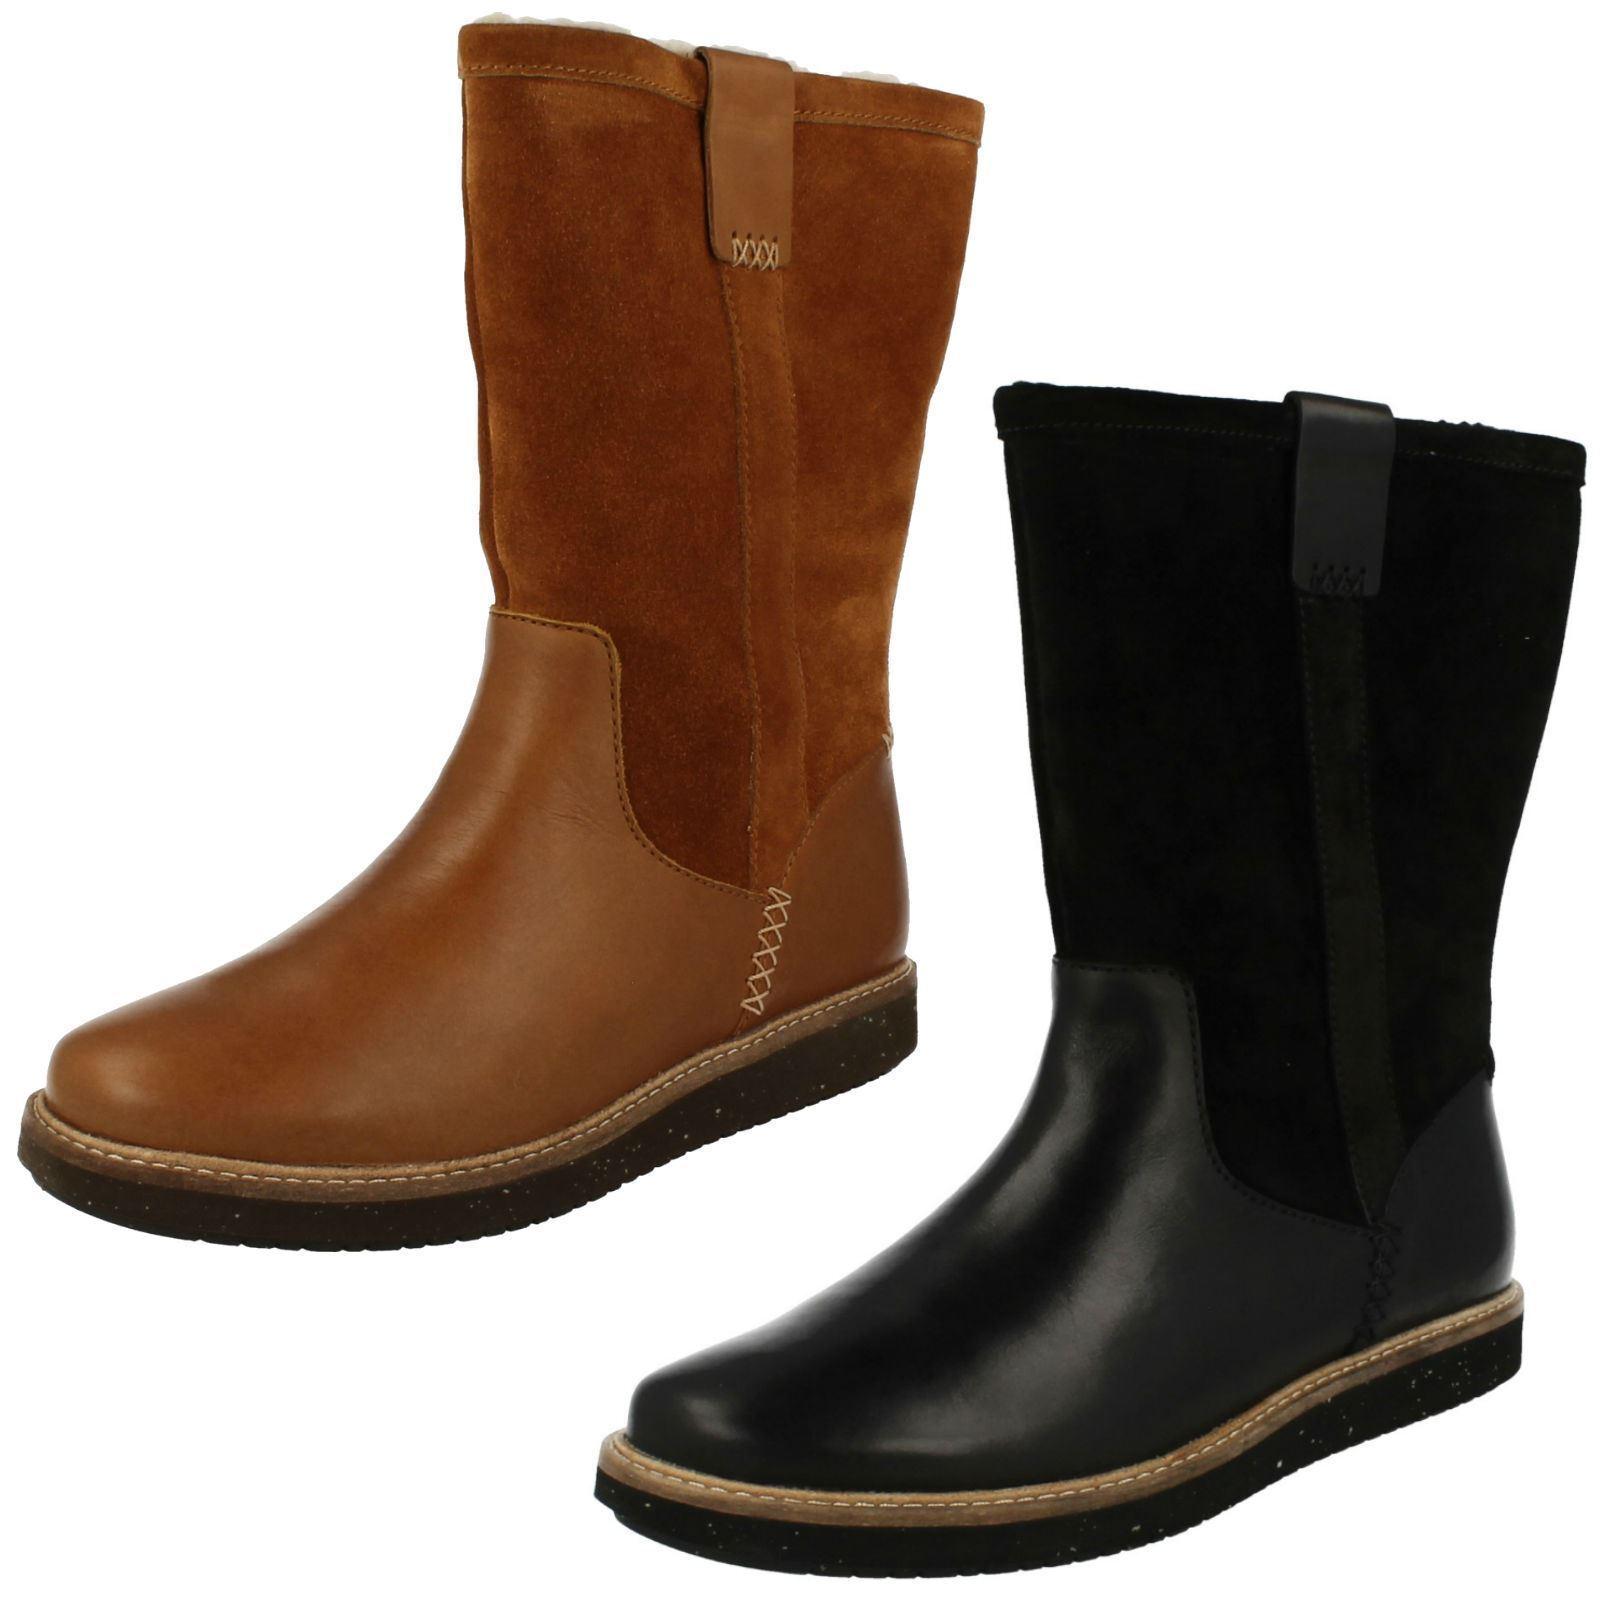 Mujer Clarks Cuero Sin Cordones Pantorrila De Plano  zapatos  Botas De Pantorrila Invierno glick 4f4ce3